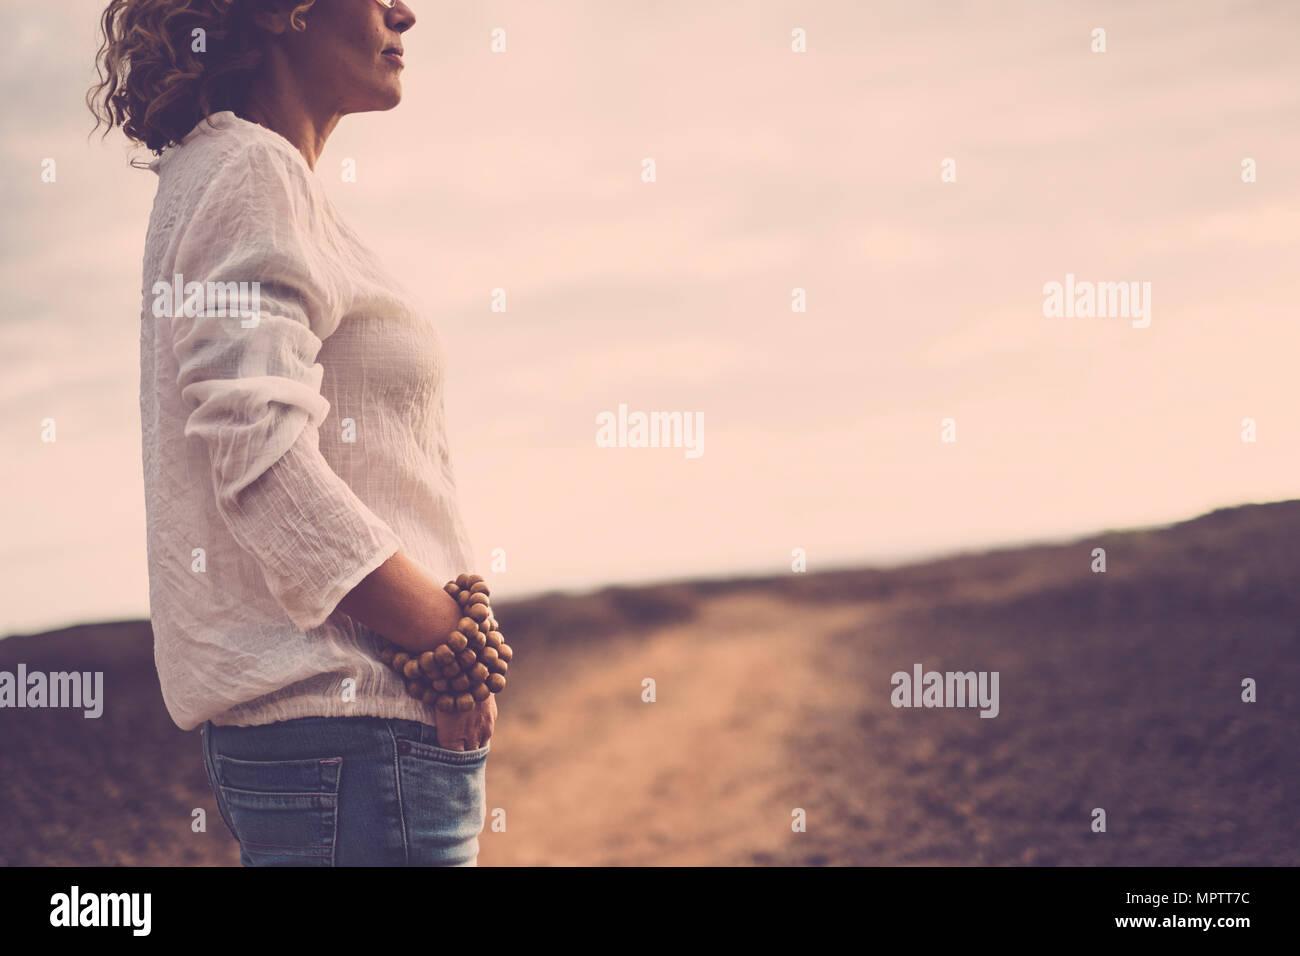 Schönen mittleren Alter kaukasische Frau stand in der Nähe der Wüste Stockbild